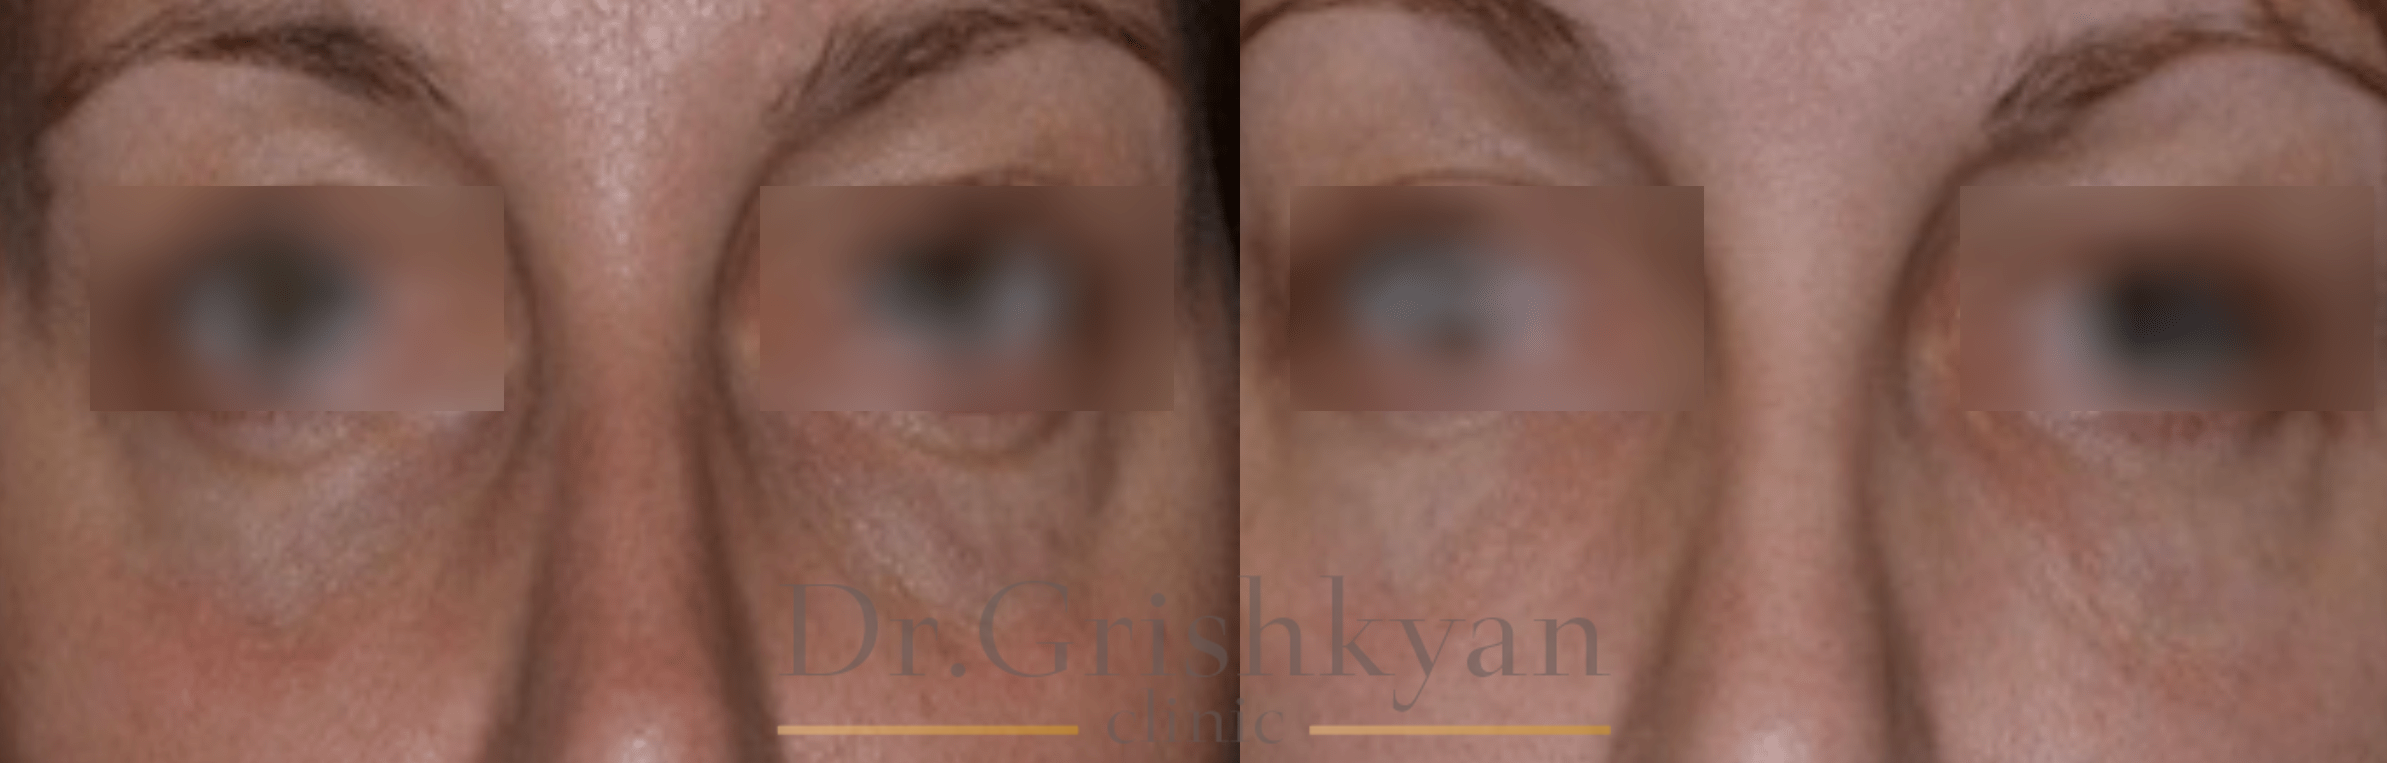 осложнения при липофилинге век фото